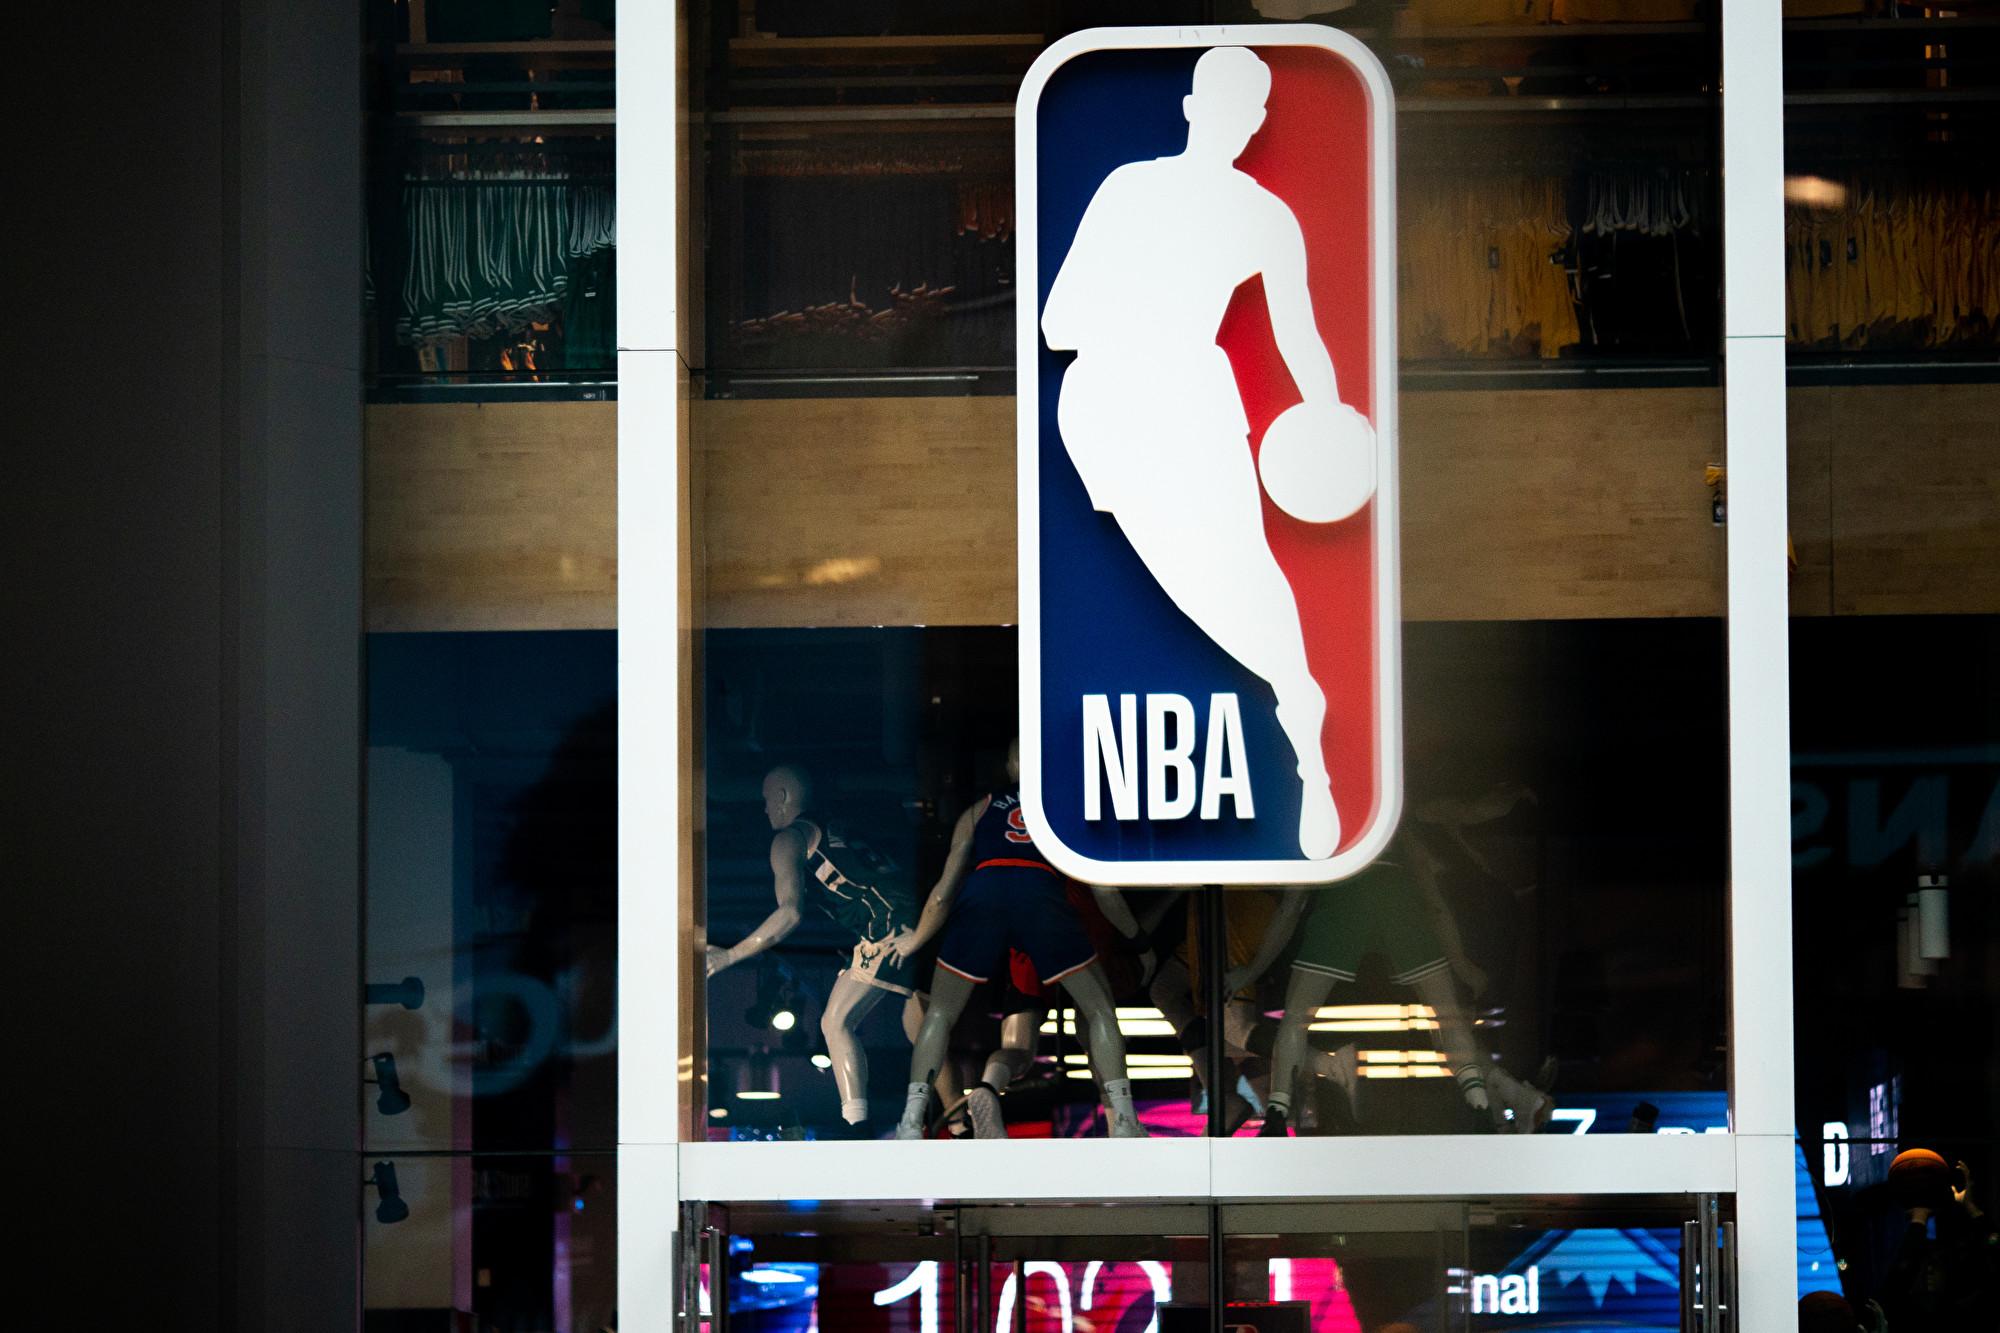 【瘟疫與中共】無限期停擺 NBA損失慘重